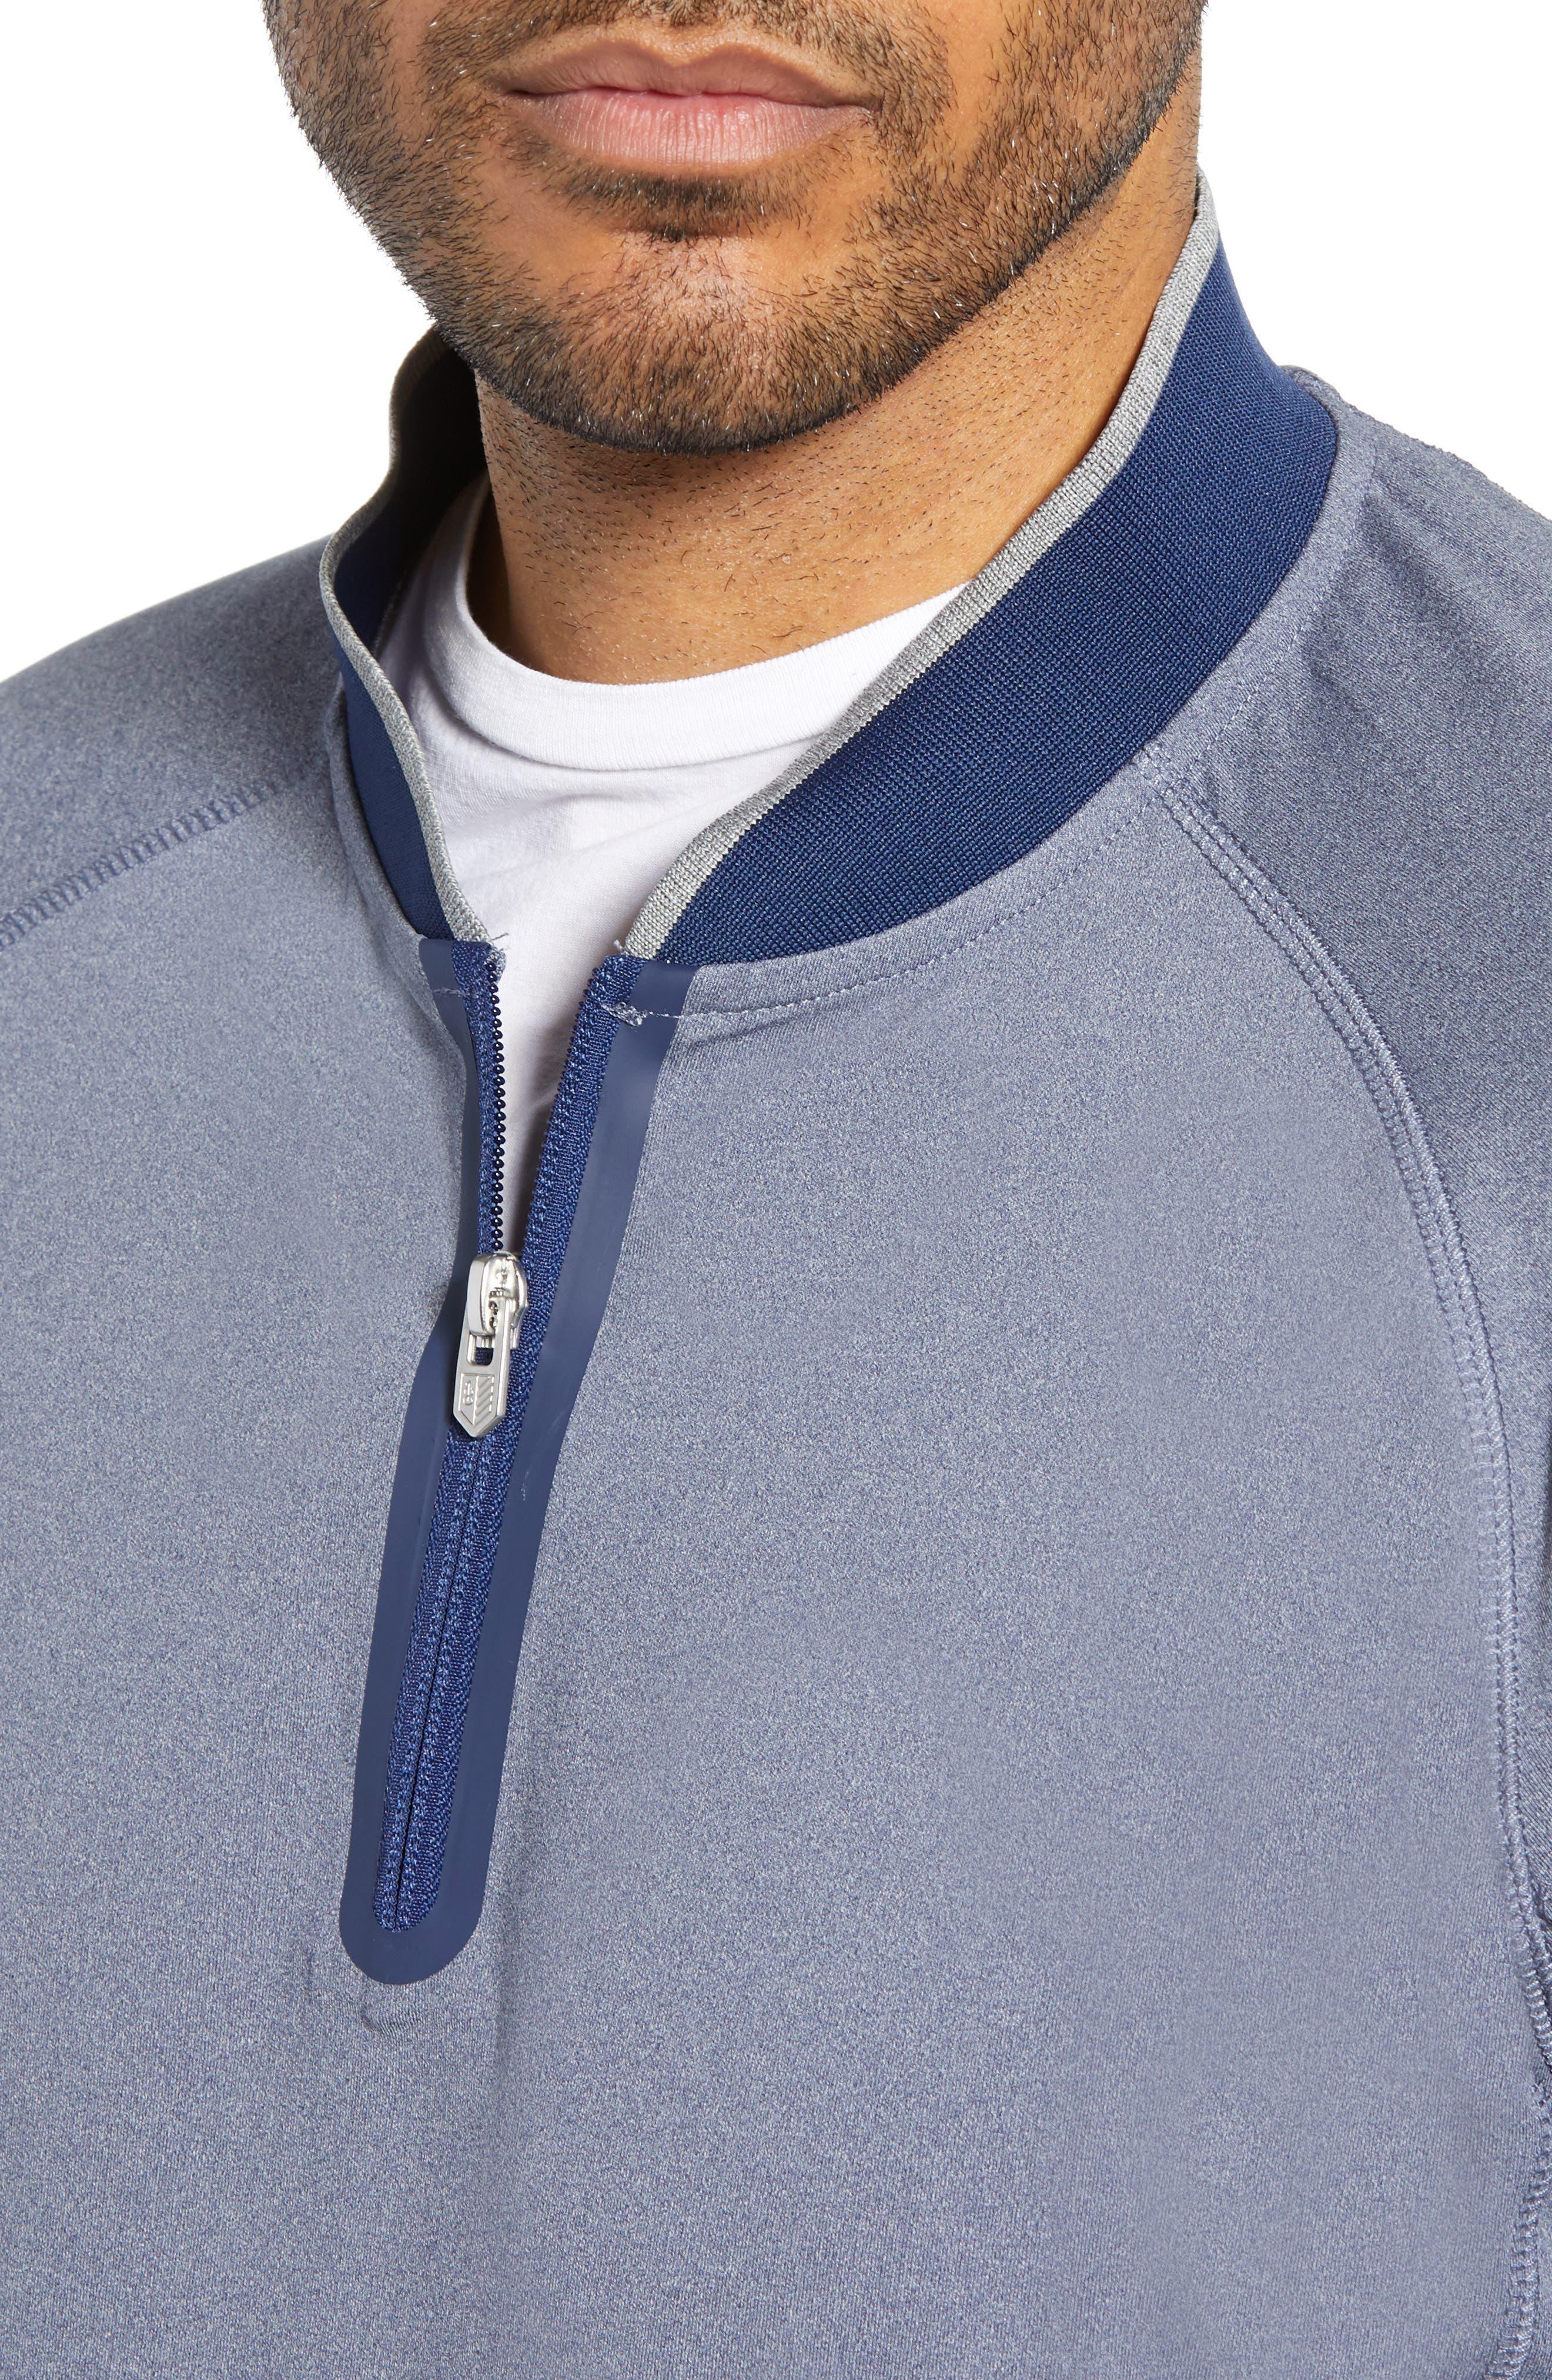 BOBBY JONES, Rule 18 Quarter Zip Tech Pullover, Alternate thumbnail 5, color, NAVY